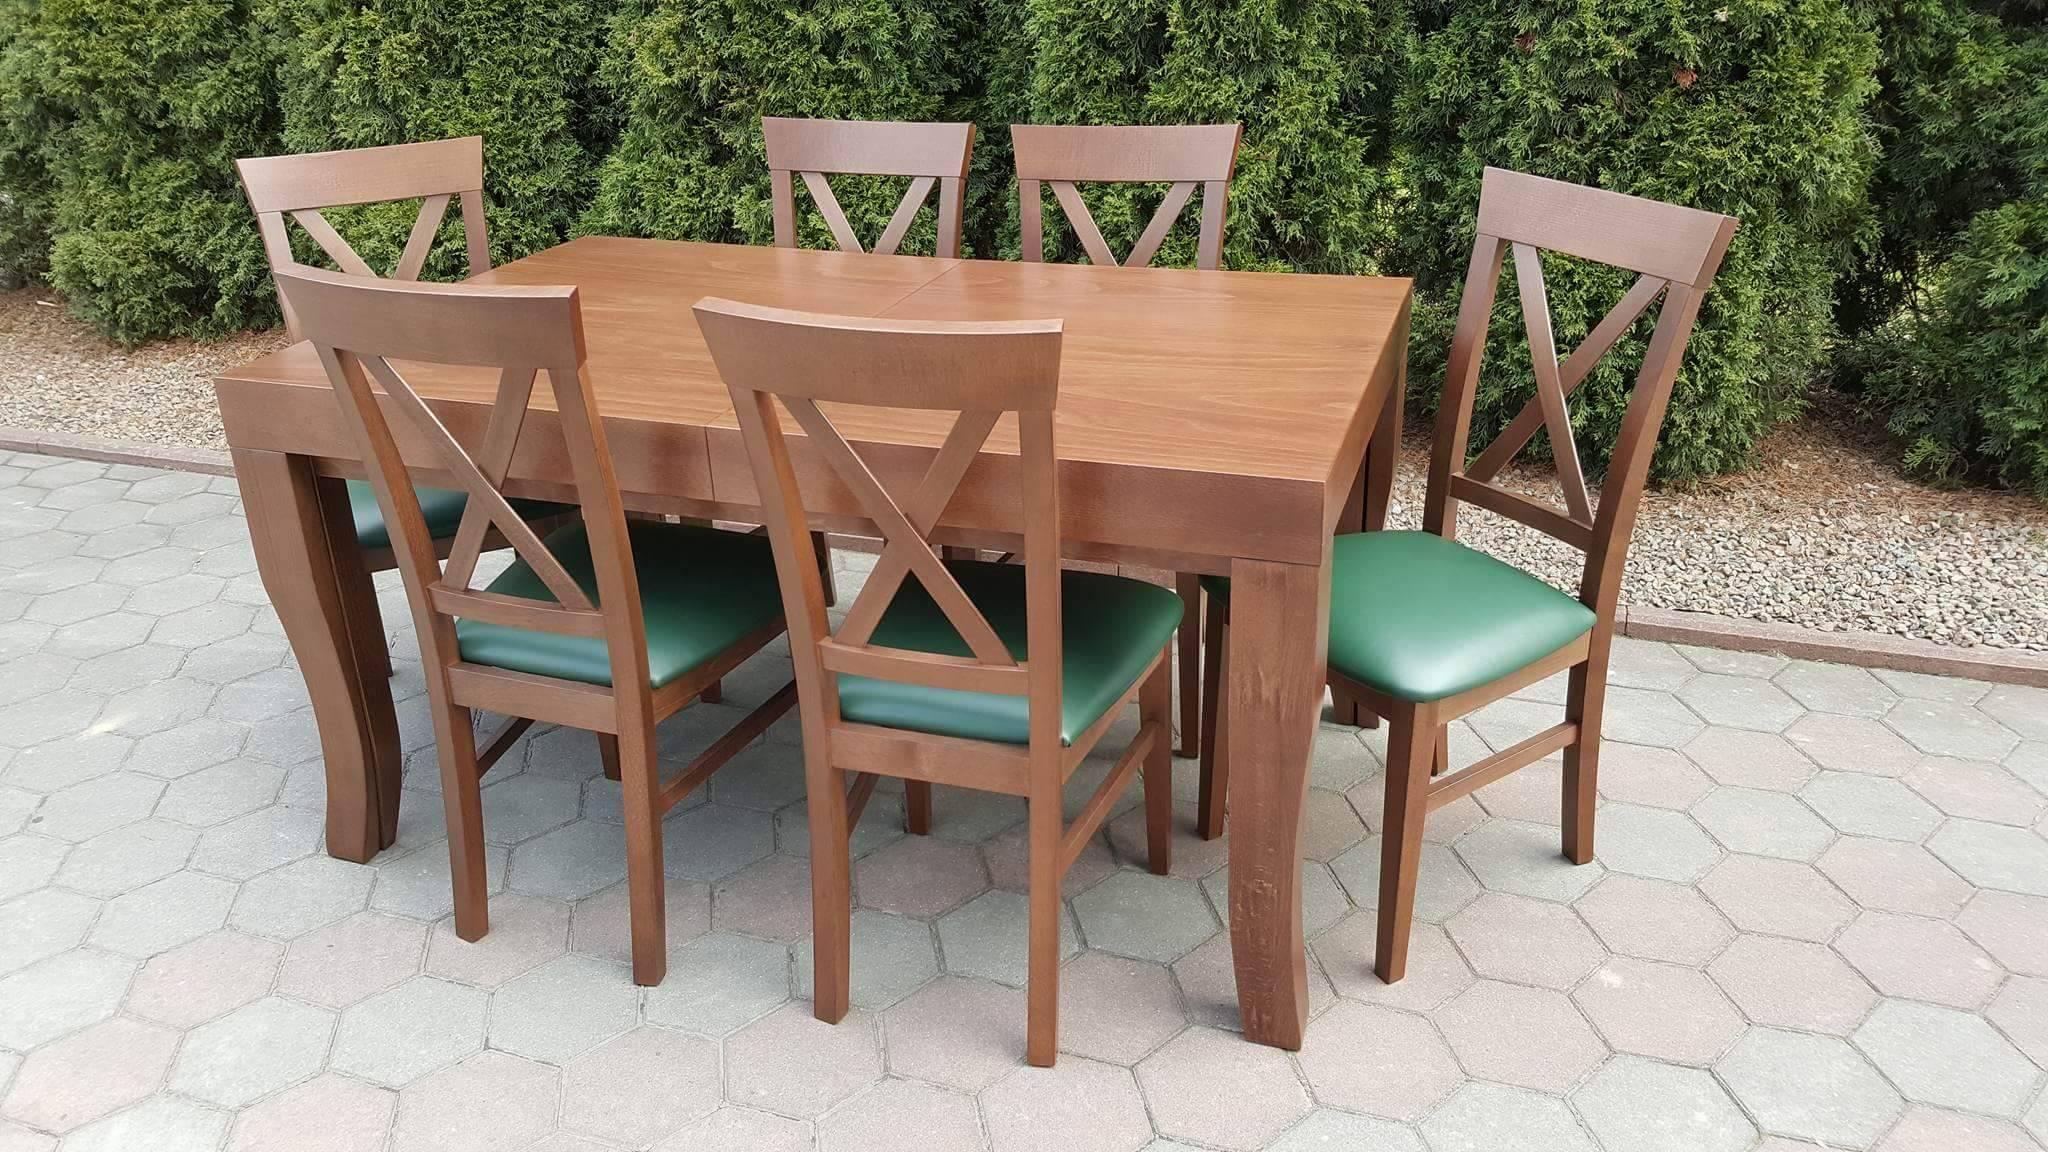 Stół drewniany + krzesła, komplet X